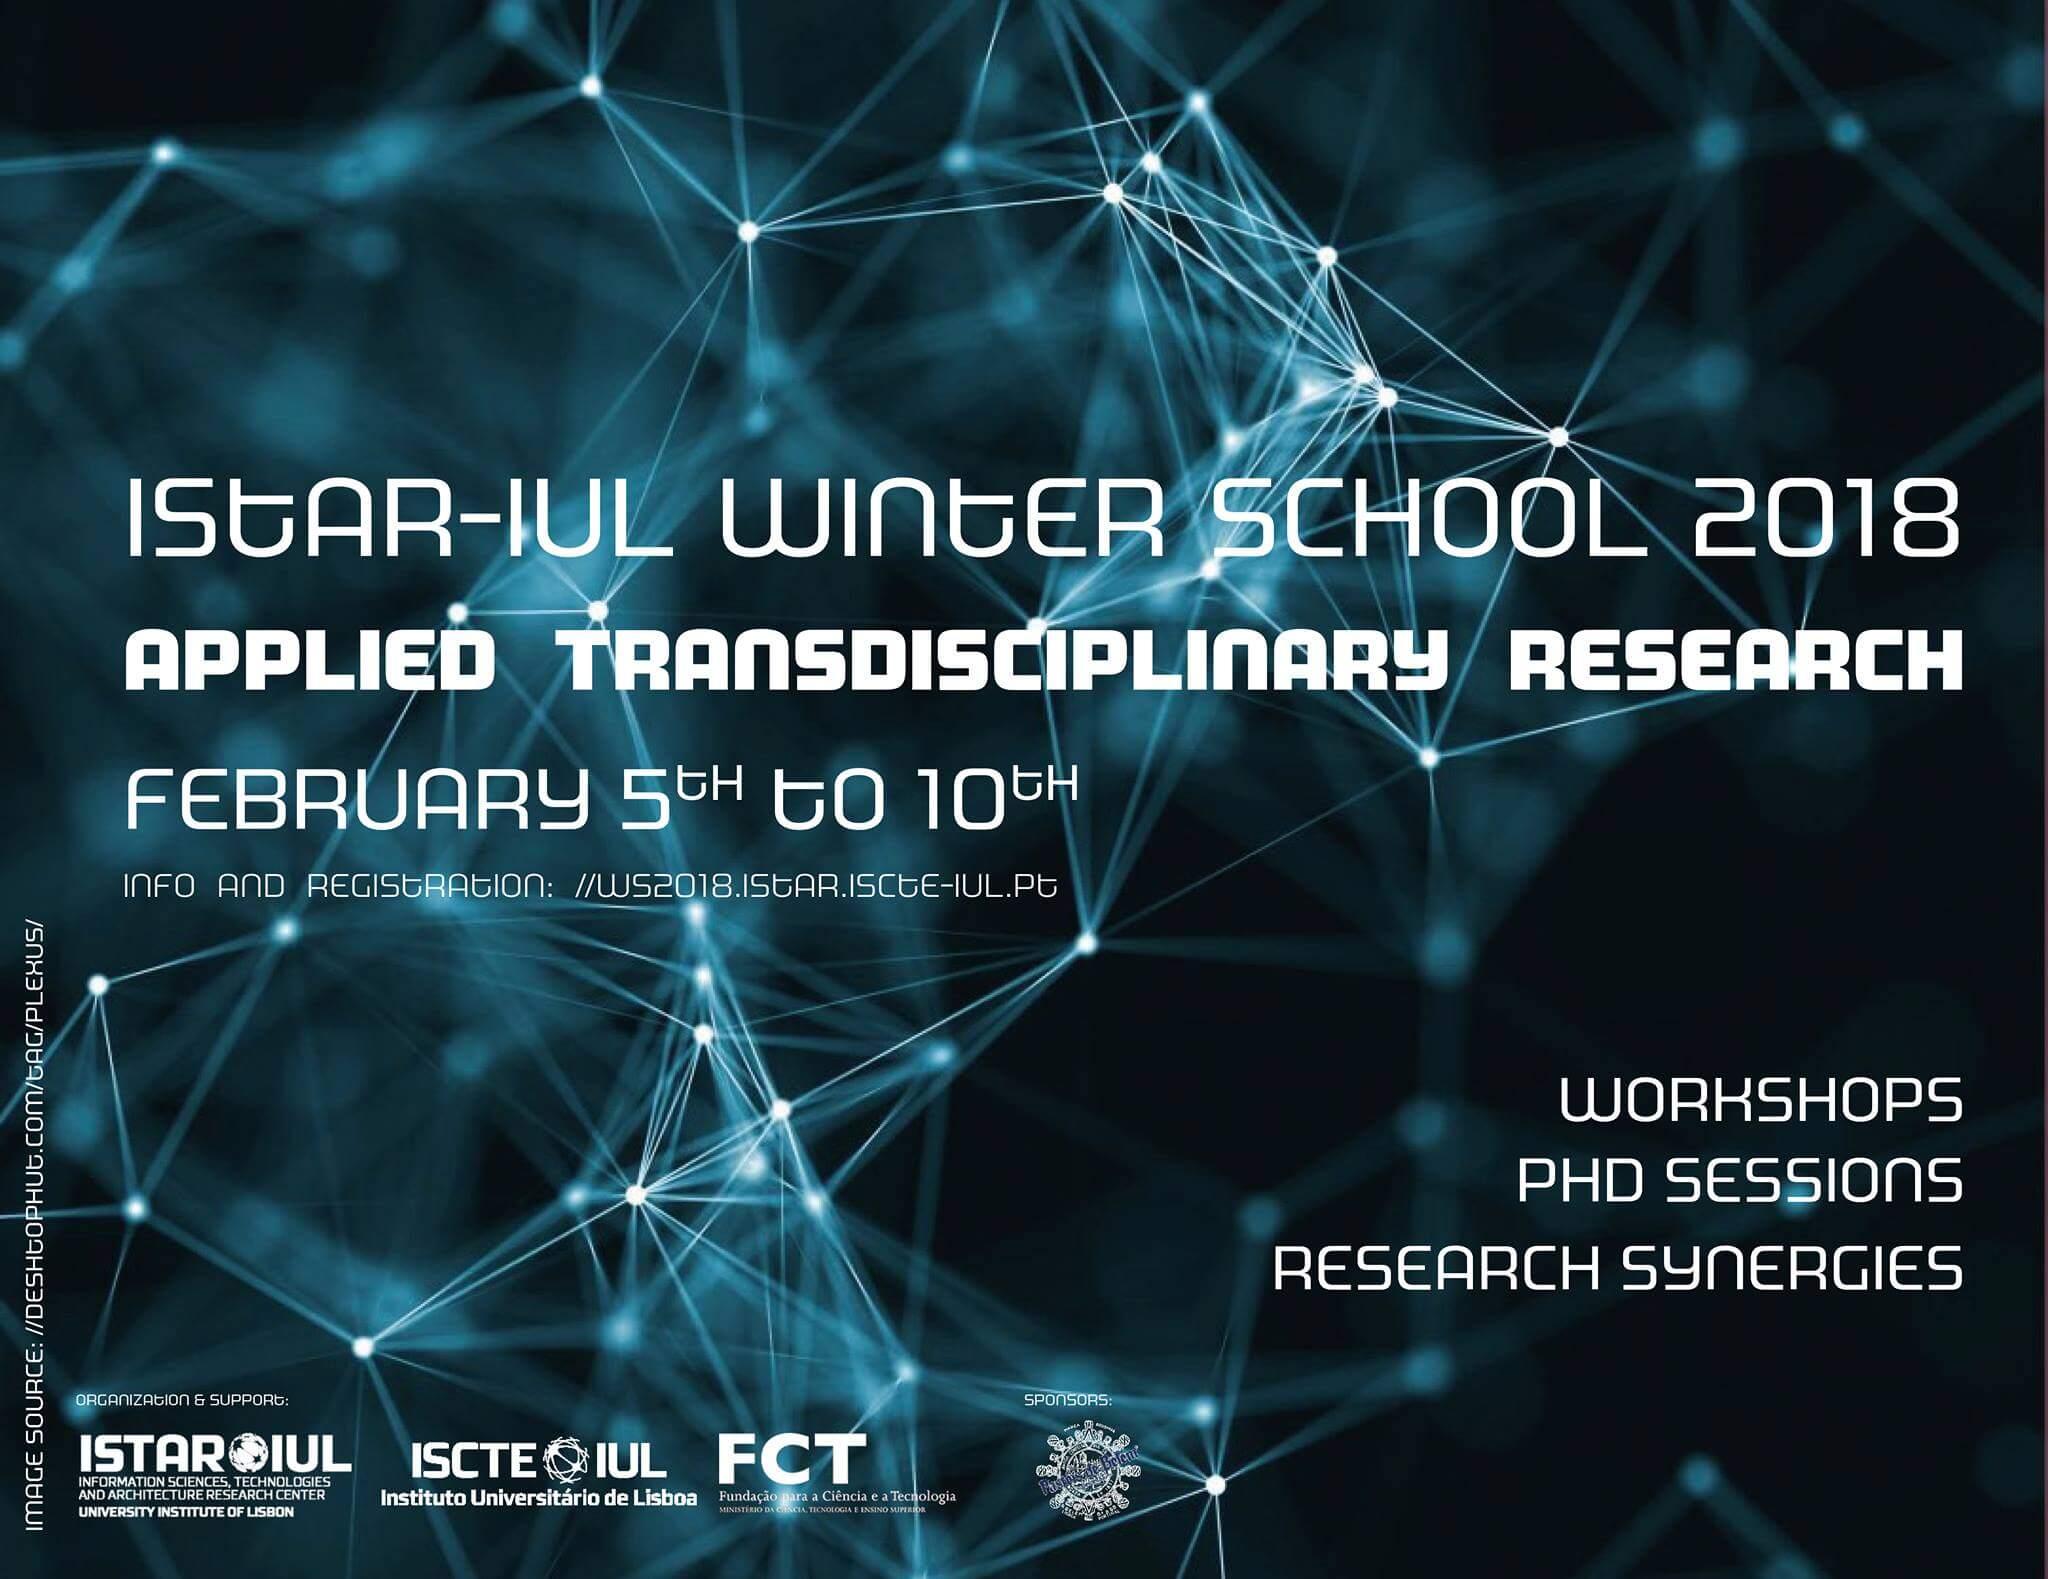 ISTAR-IUL WinterSchool 2018